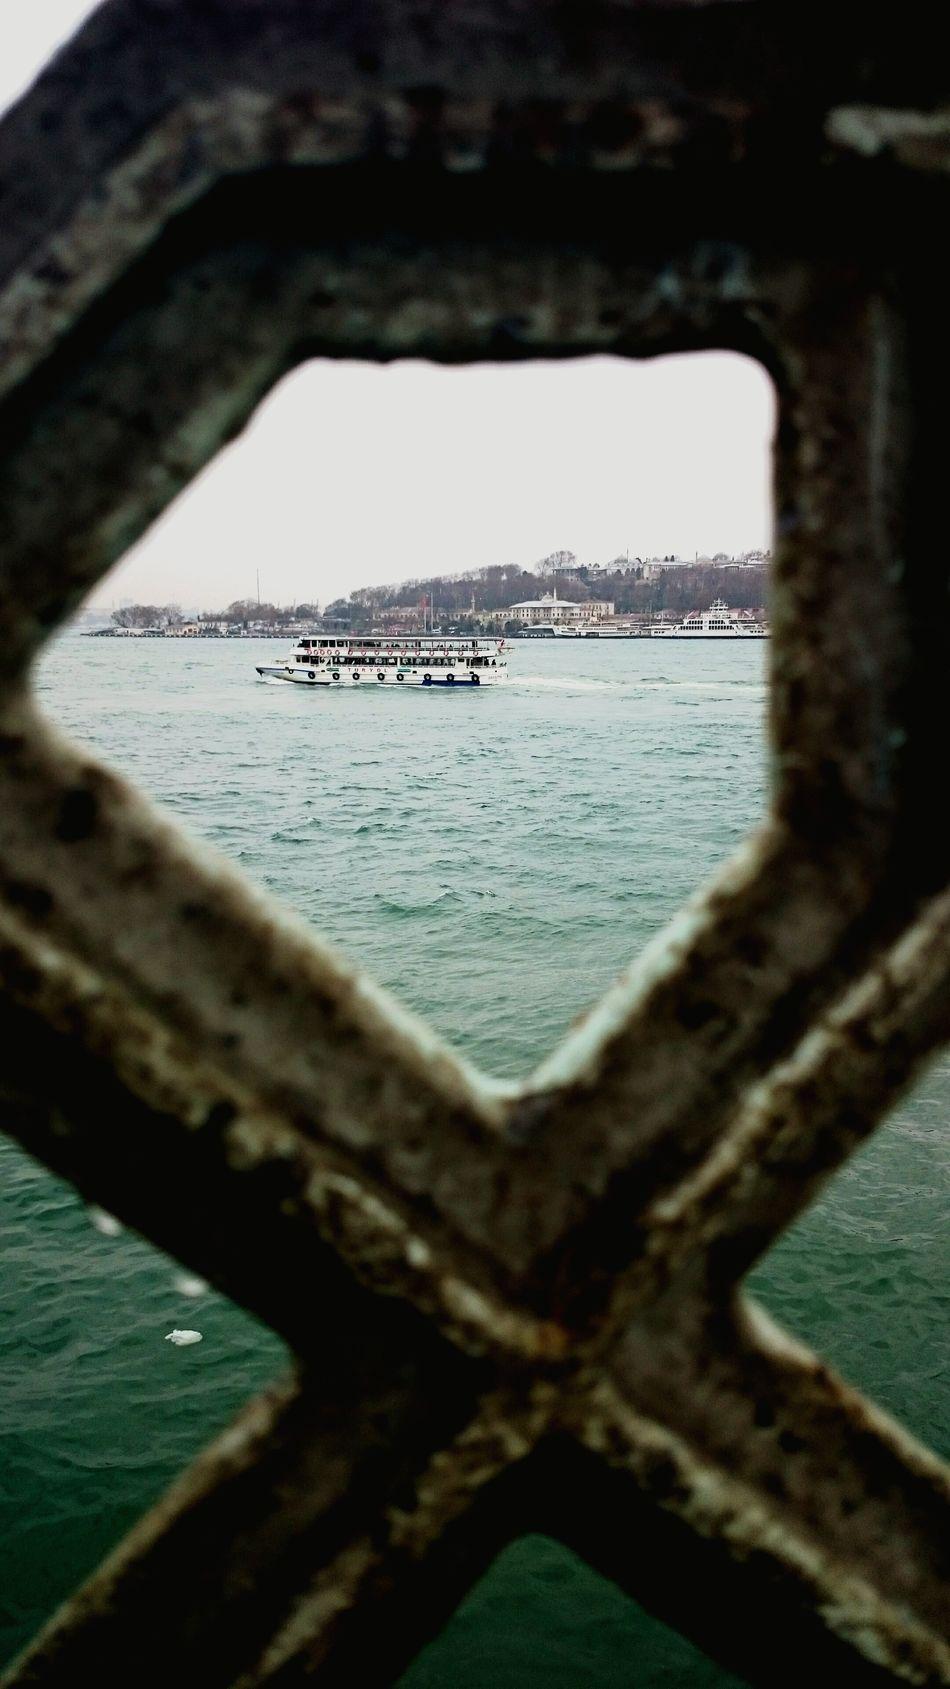 Natural Frame ı Love Nature! Taking Photos Relaxing Happy Time Istanbul #turkiye Karaköy